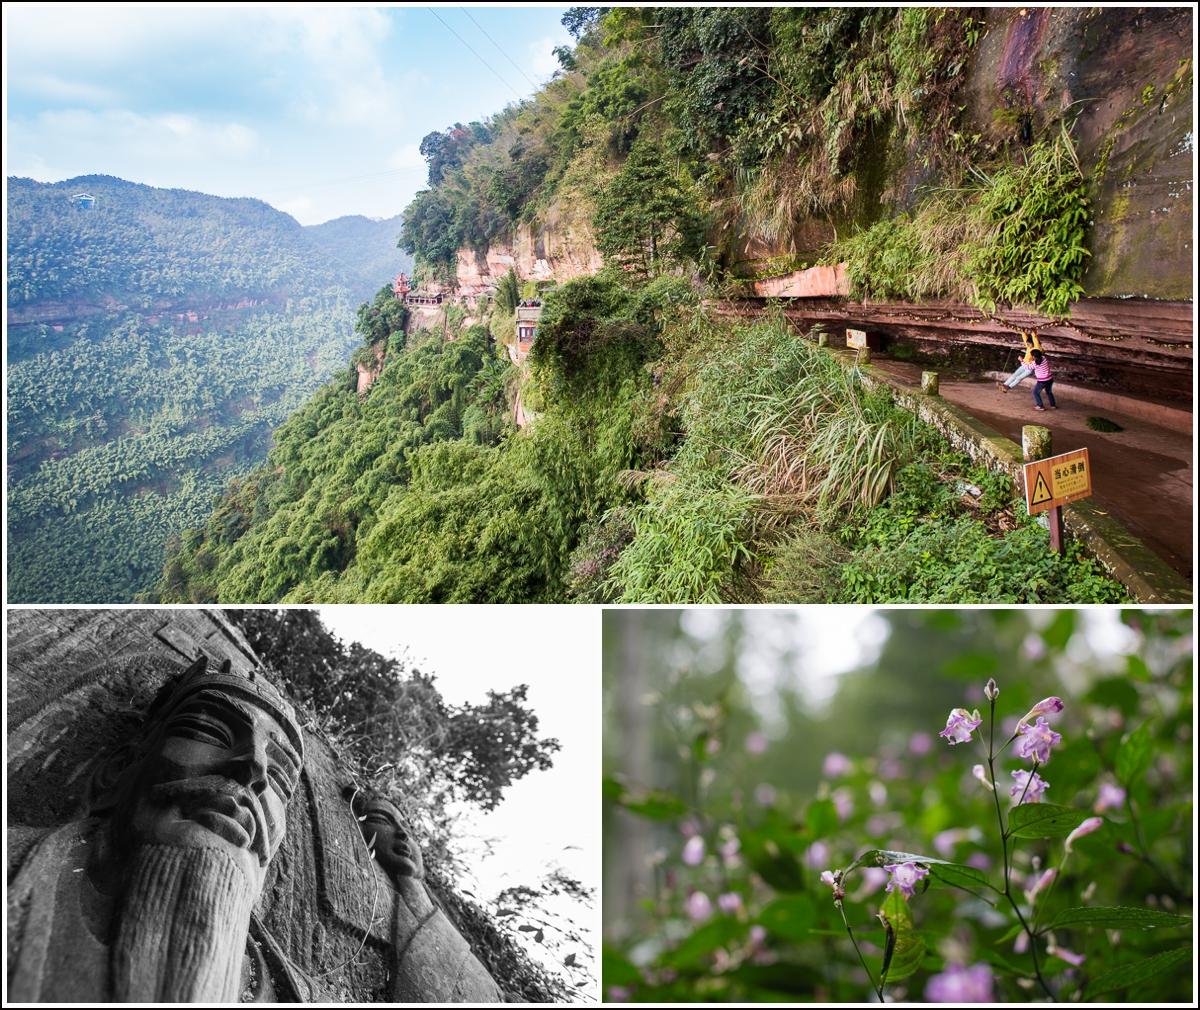 Reisetips til stor bambusskog i Kina